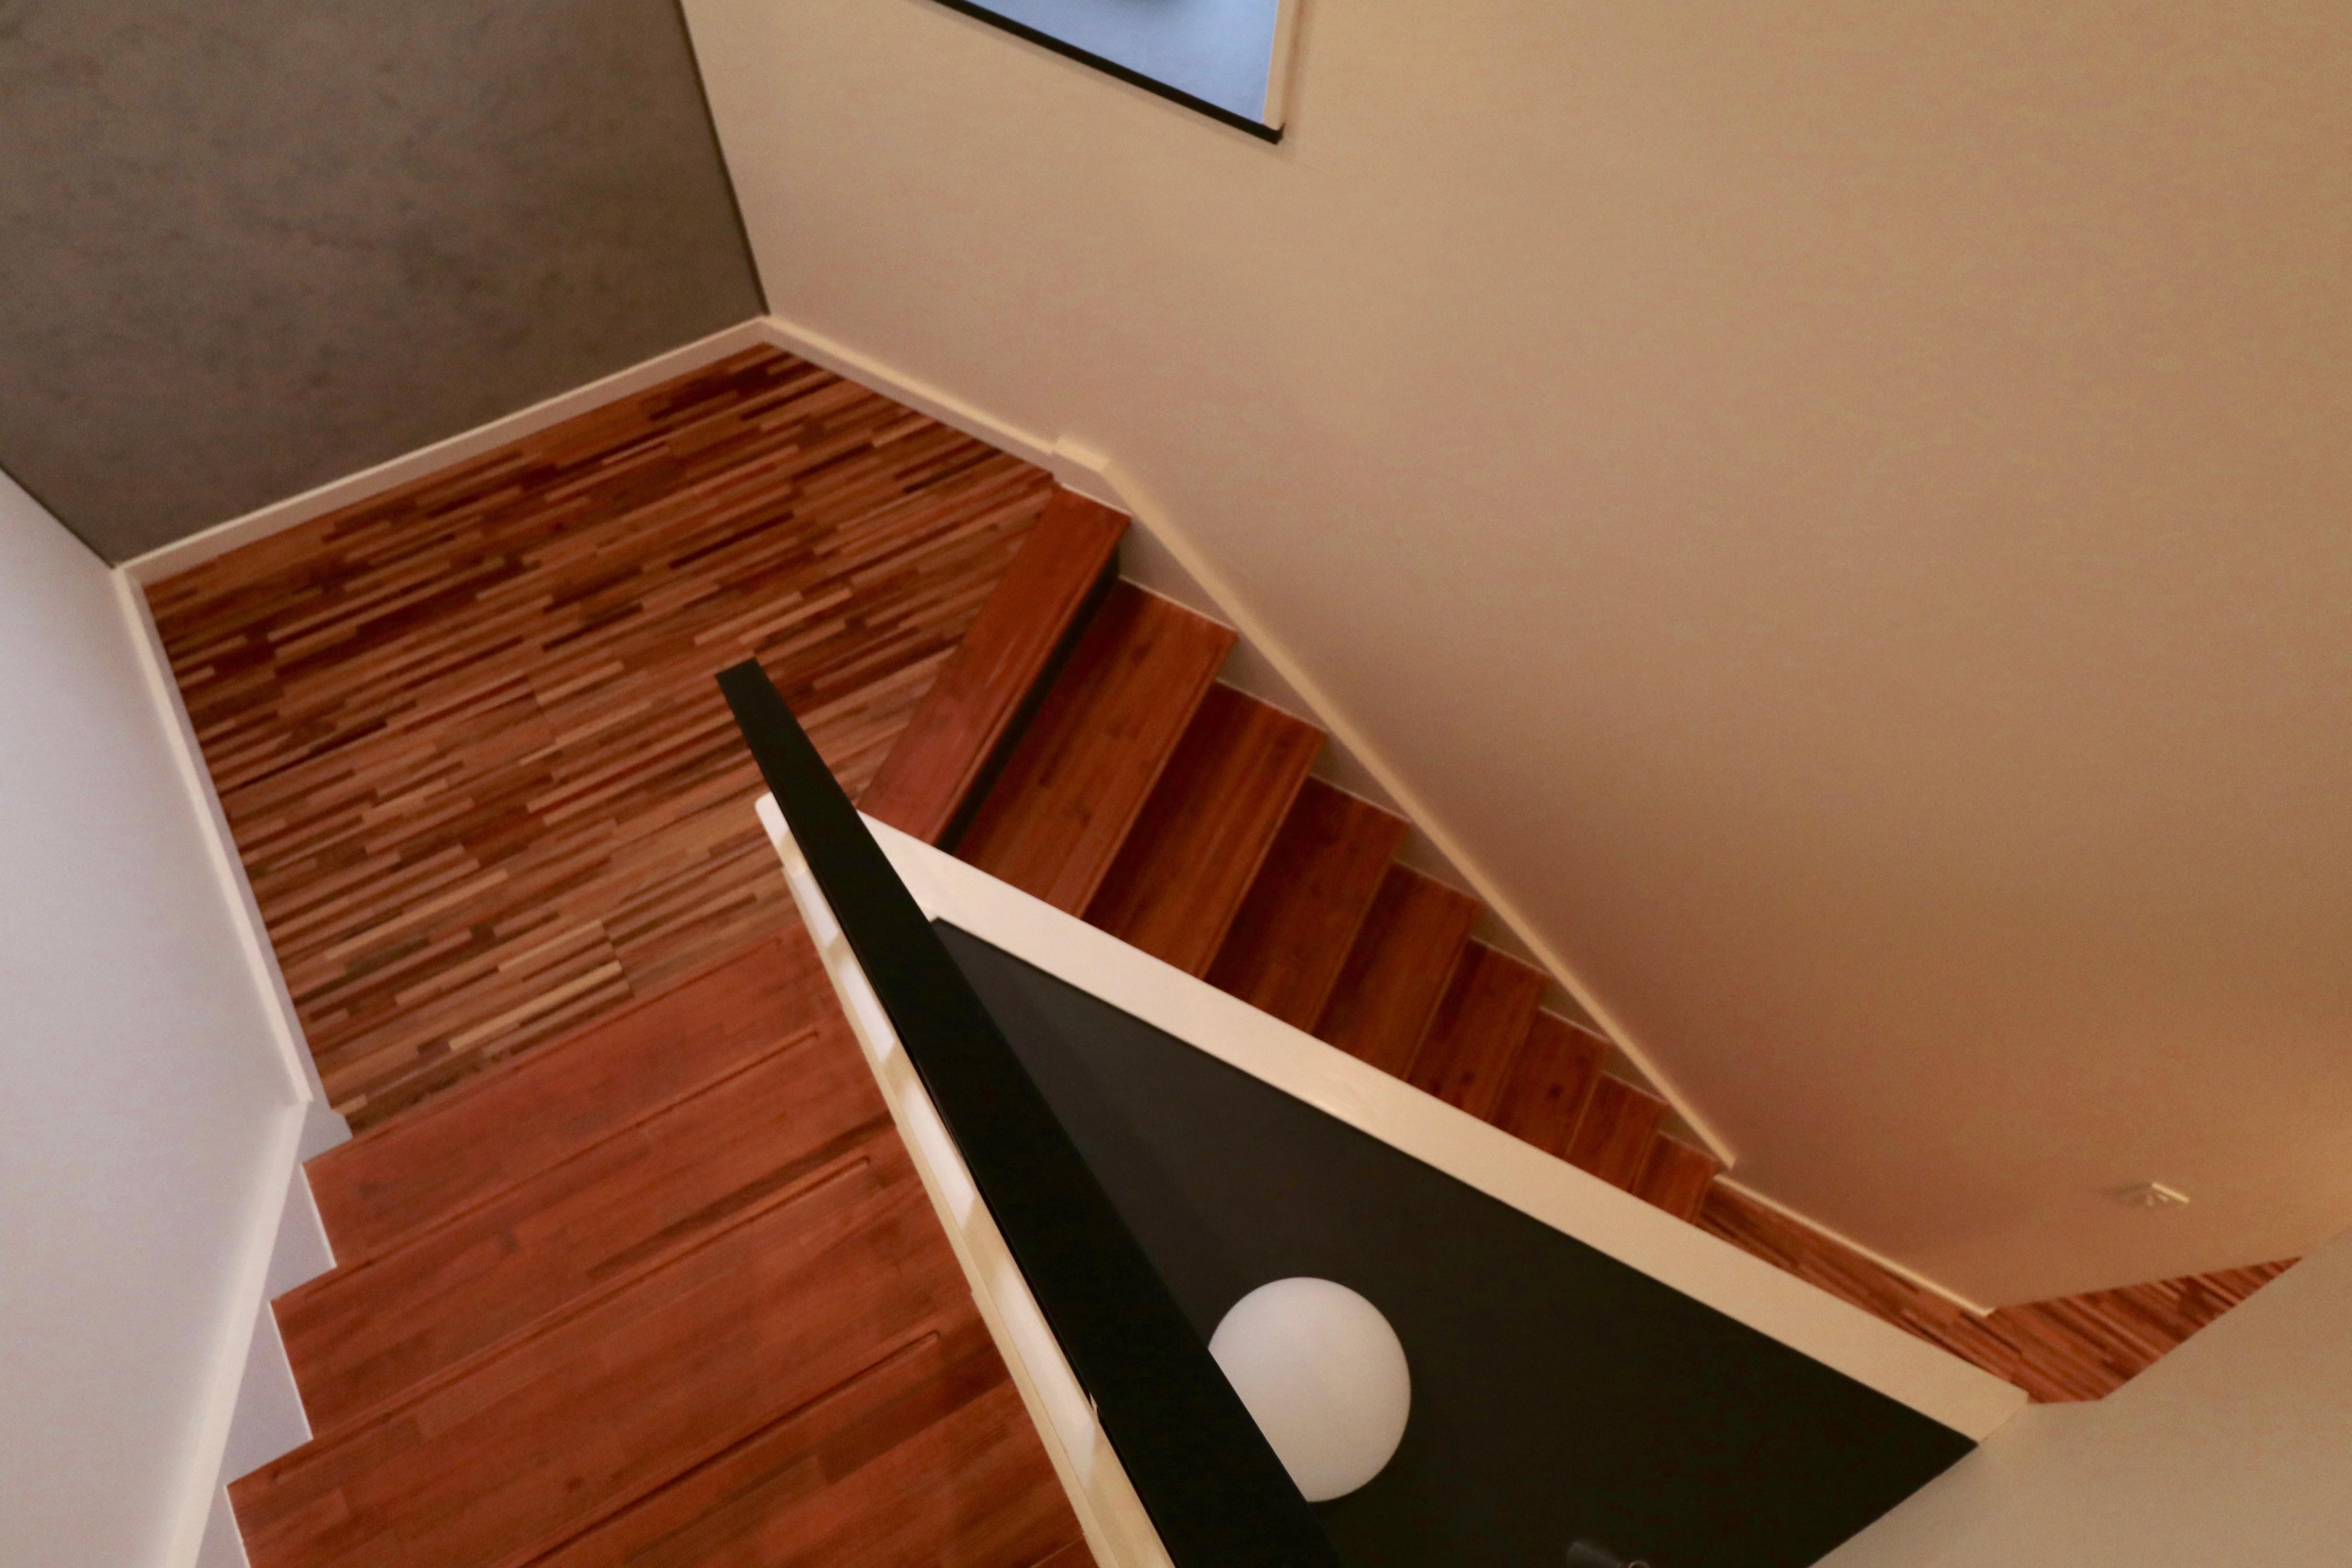 その他事例:階段(名古屋市天白区T様邸)